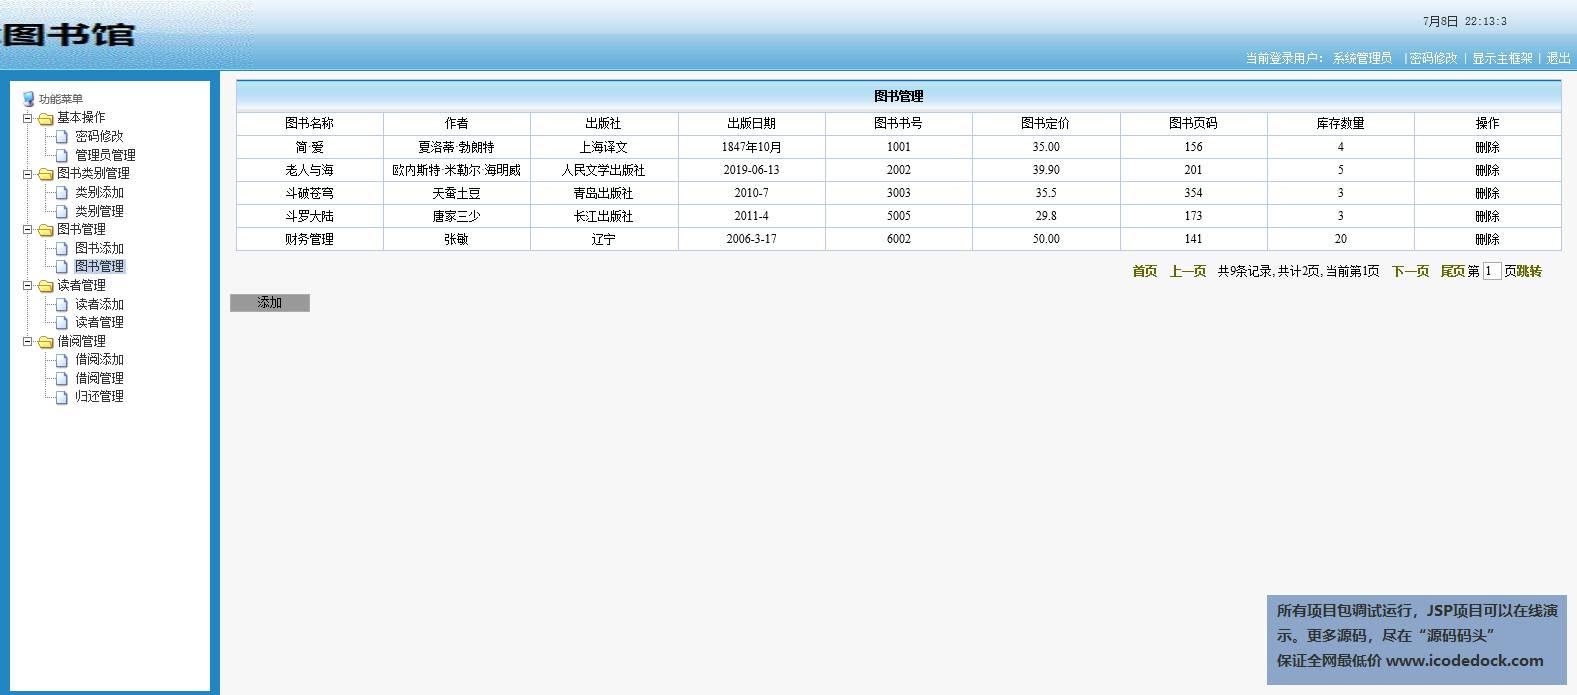 源码码头-JSP图书管理系统-图书列表